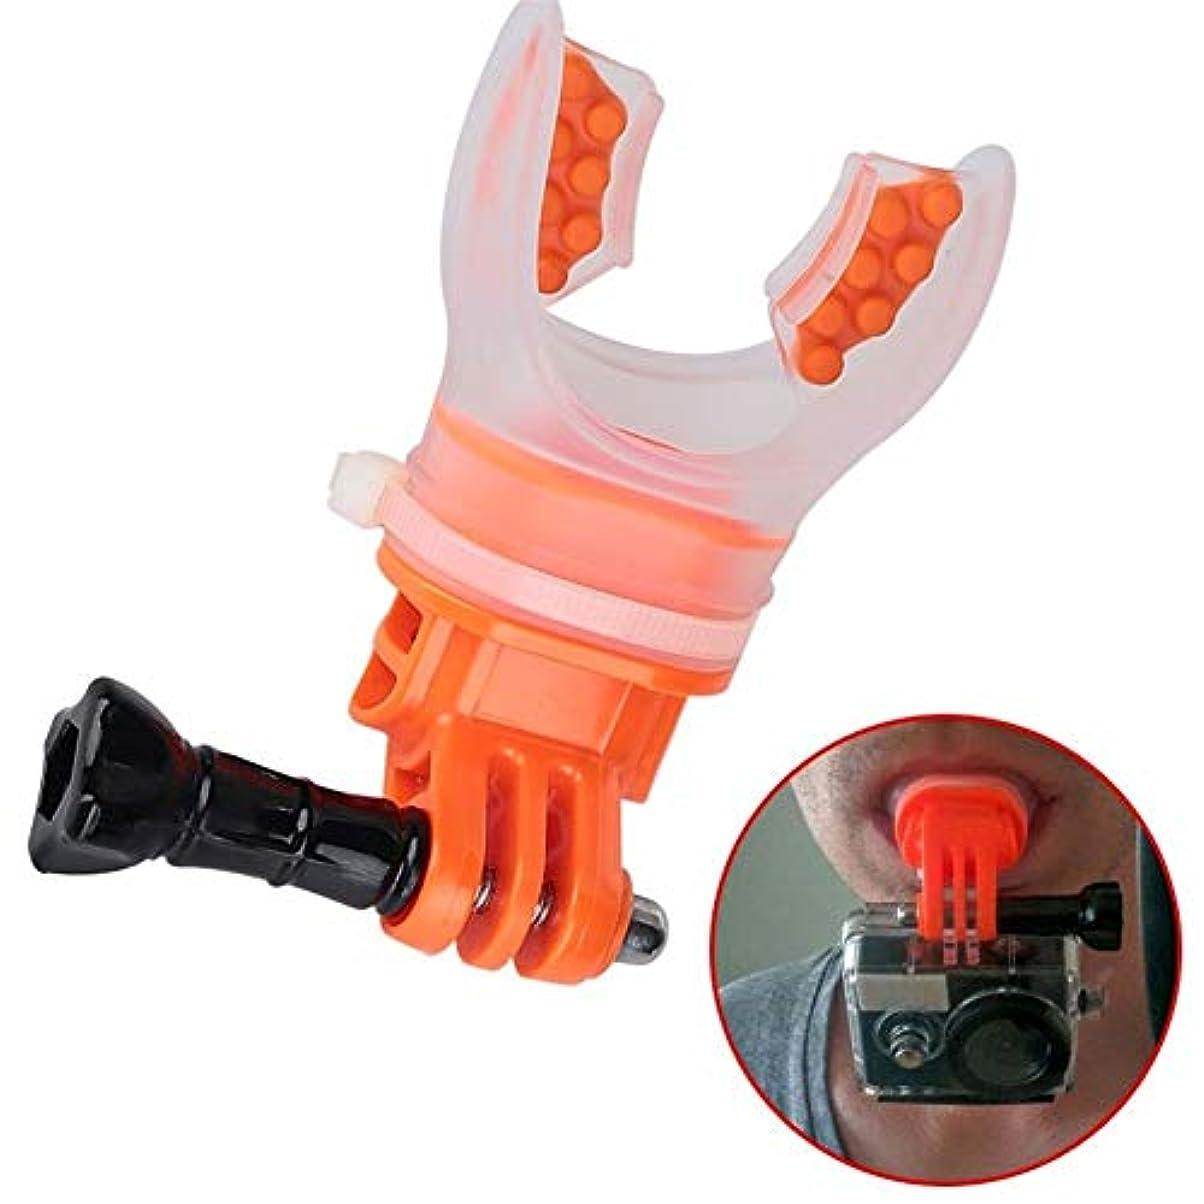 シュリンク砂発表するサーフダイビングプロテクションカメラダイビングマスク水中アクセサリーセット g5y9k2i3rw1